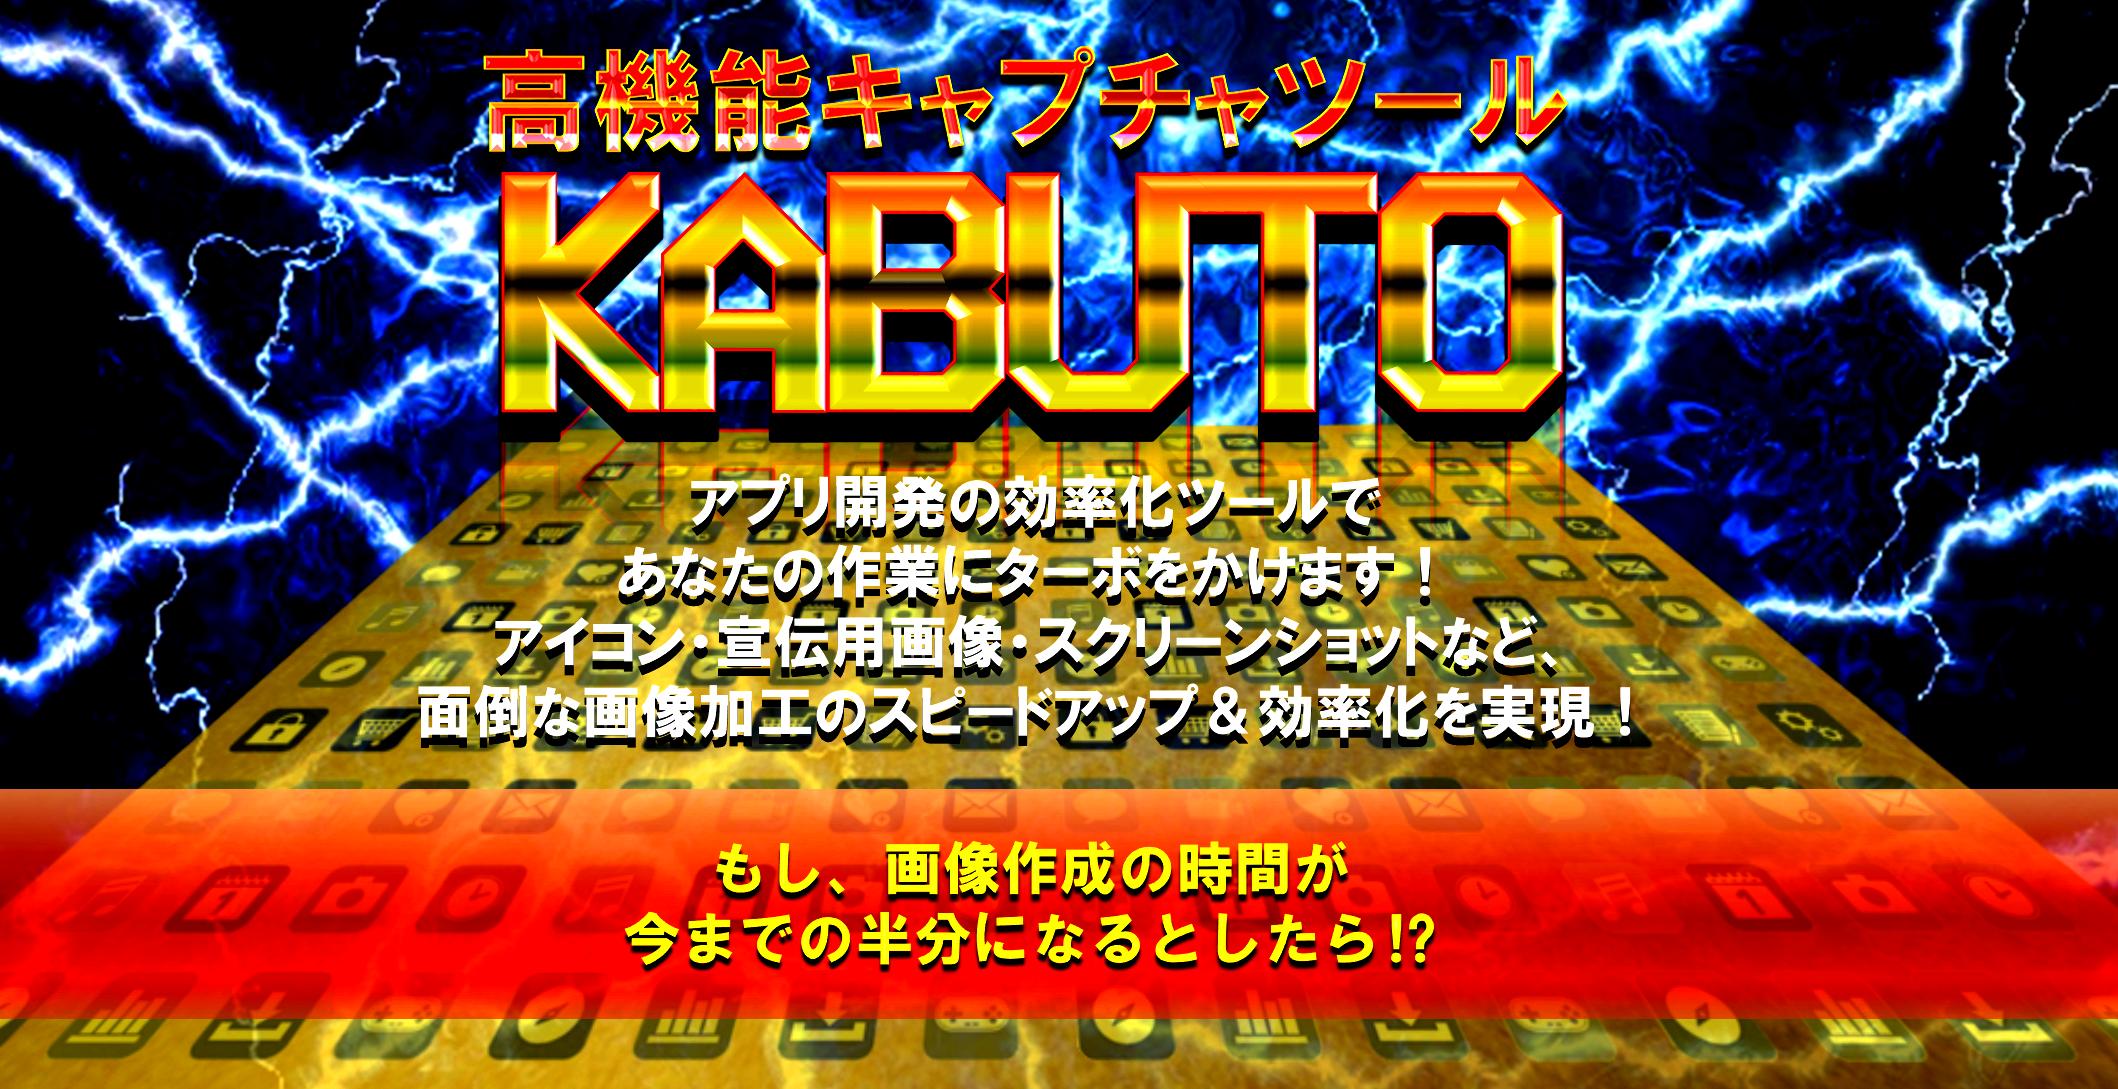 画像キャプチャソフト KABUTO